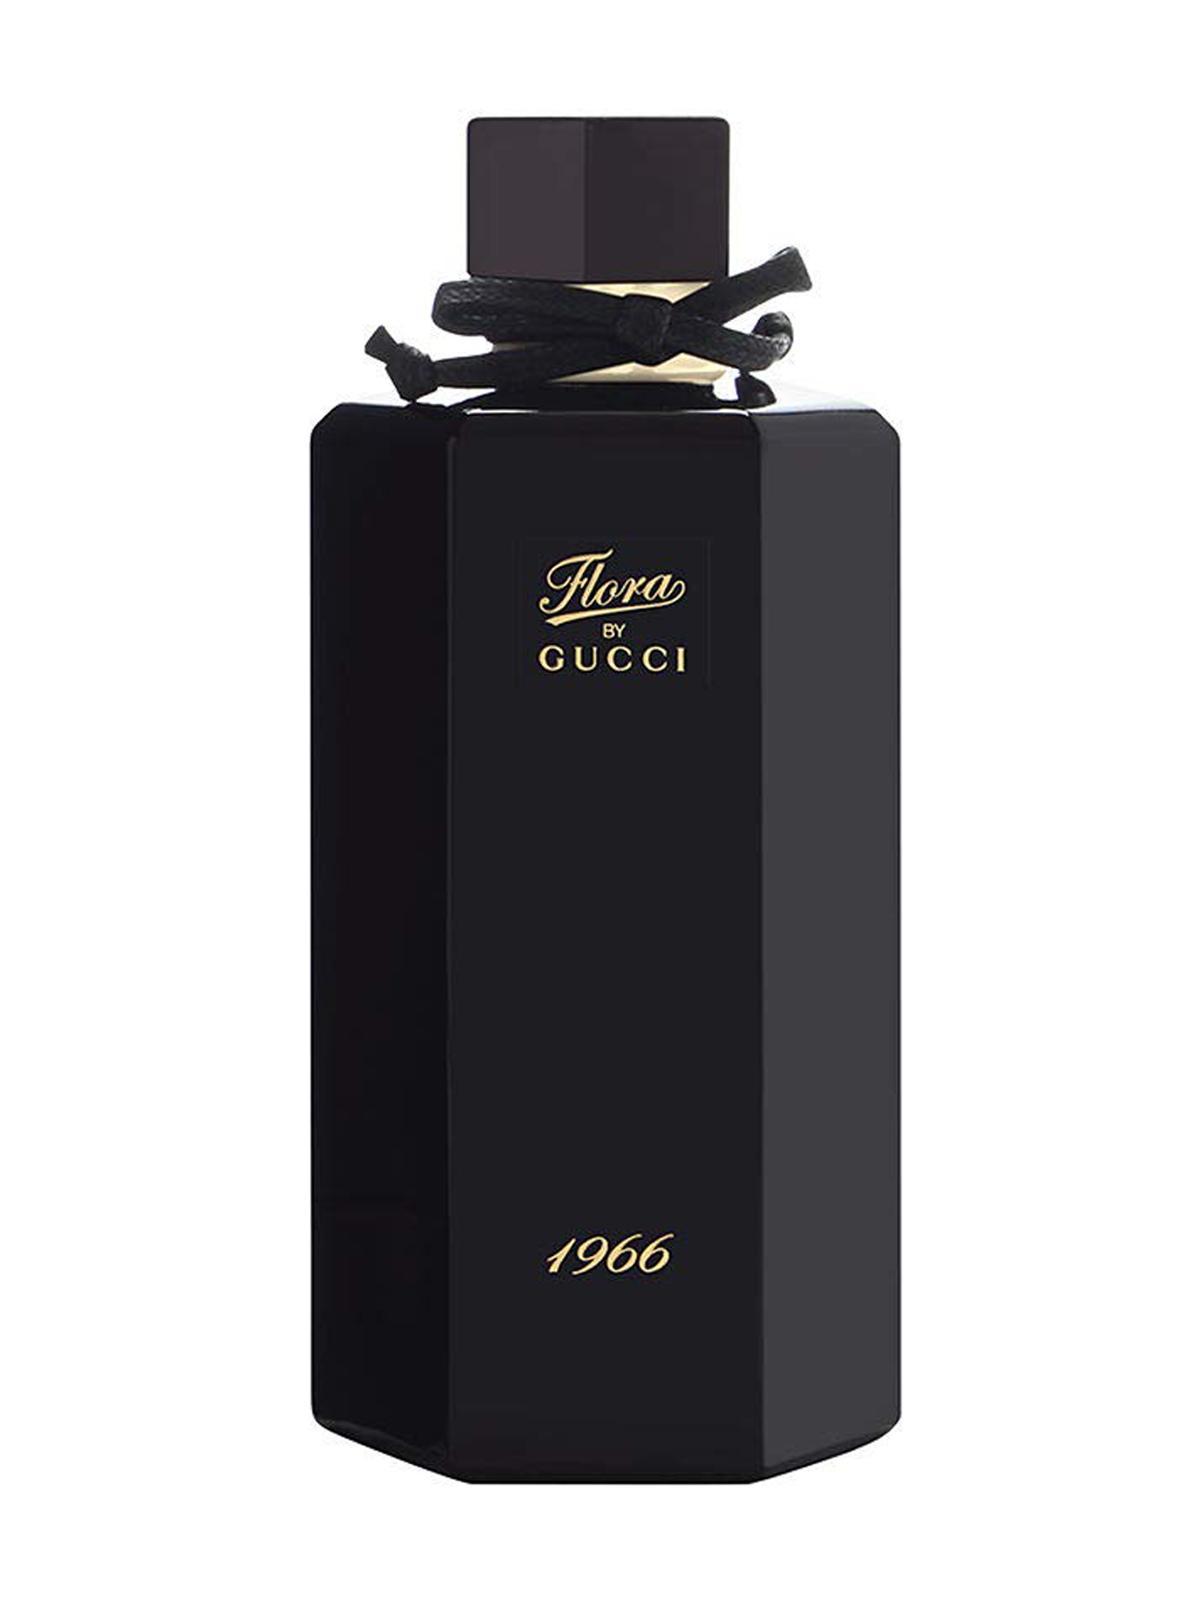 Gucci Flora by Gucci 1966 For Unisex Eau De Parfum 100ML